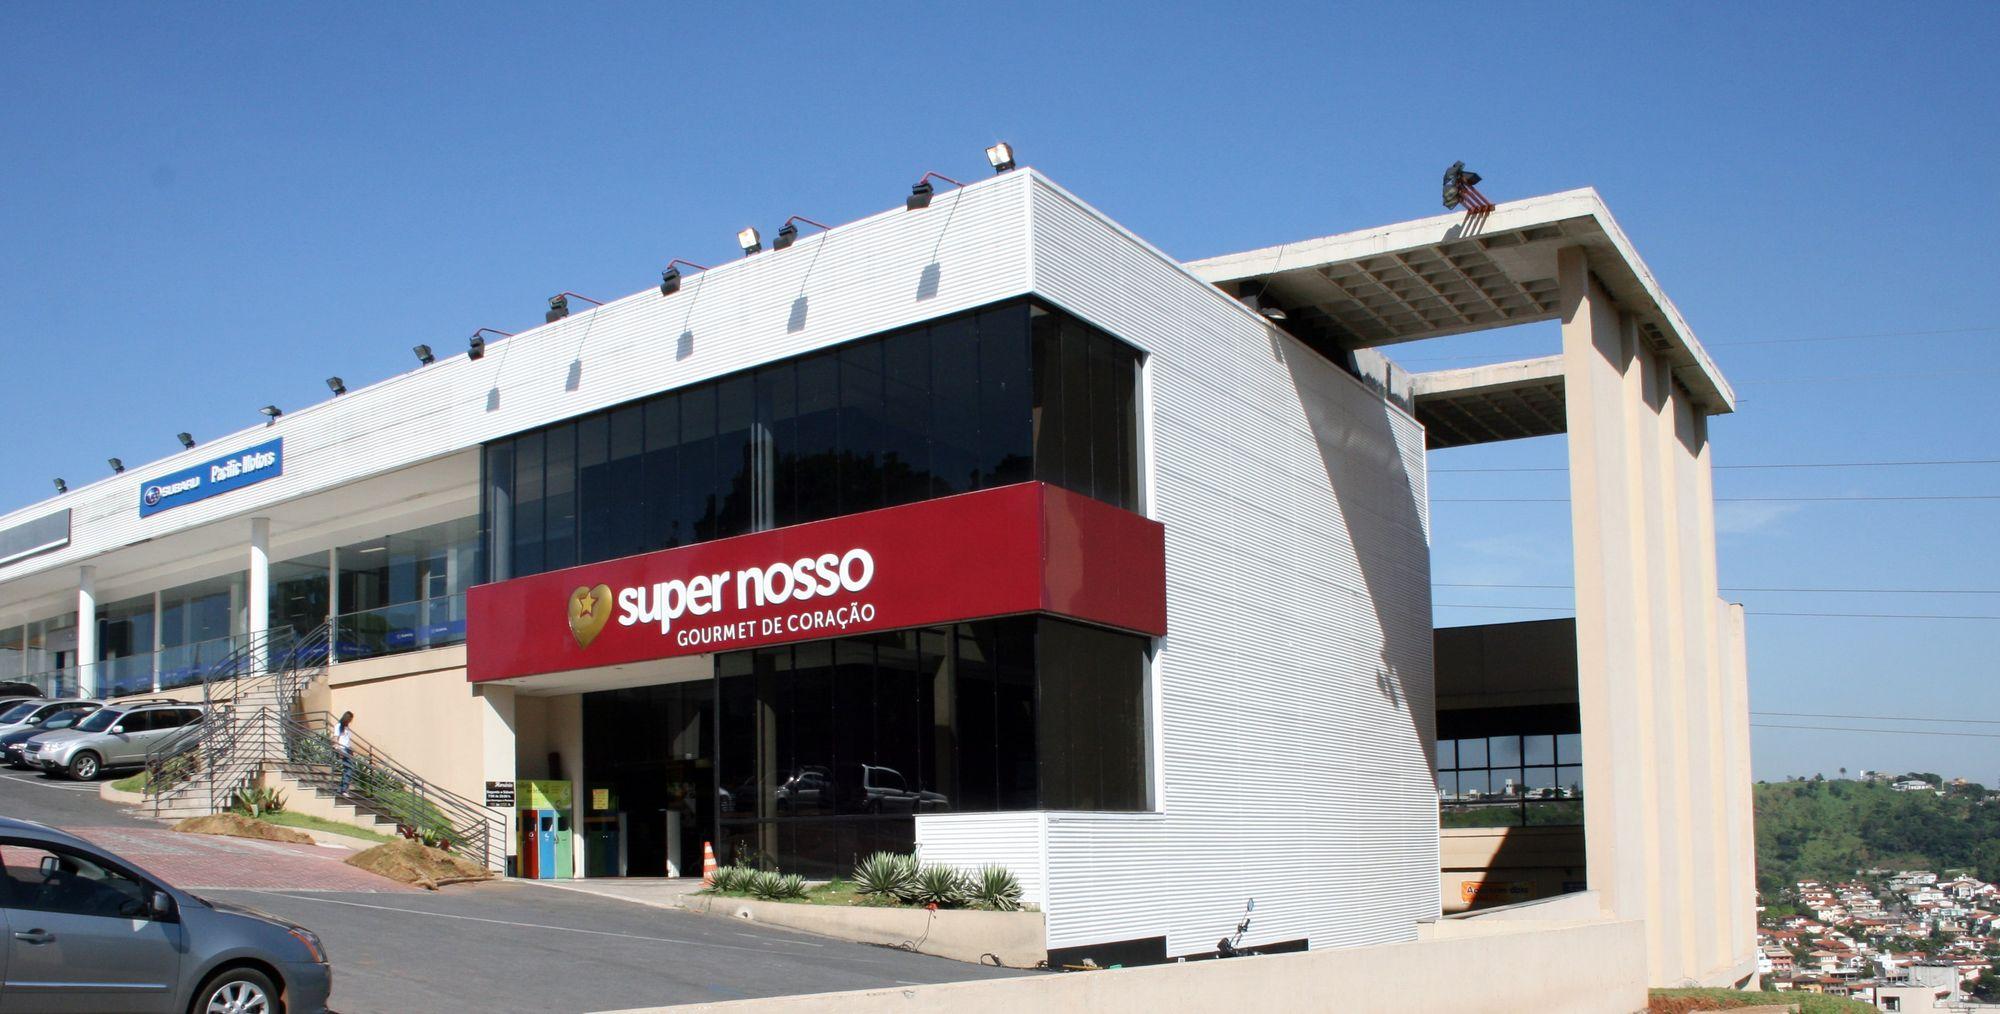 Super Nosso abre vagas para áreas de tecnologia e inovação